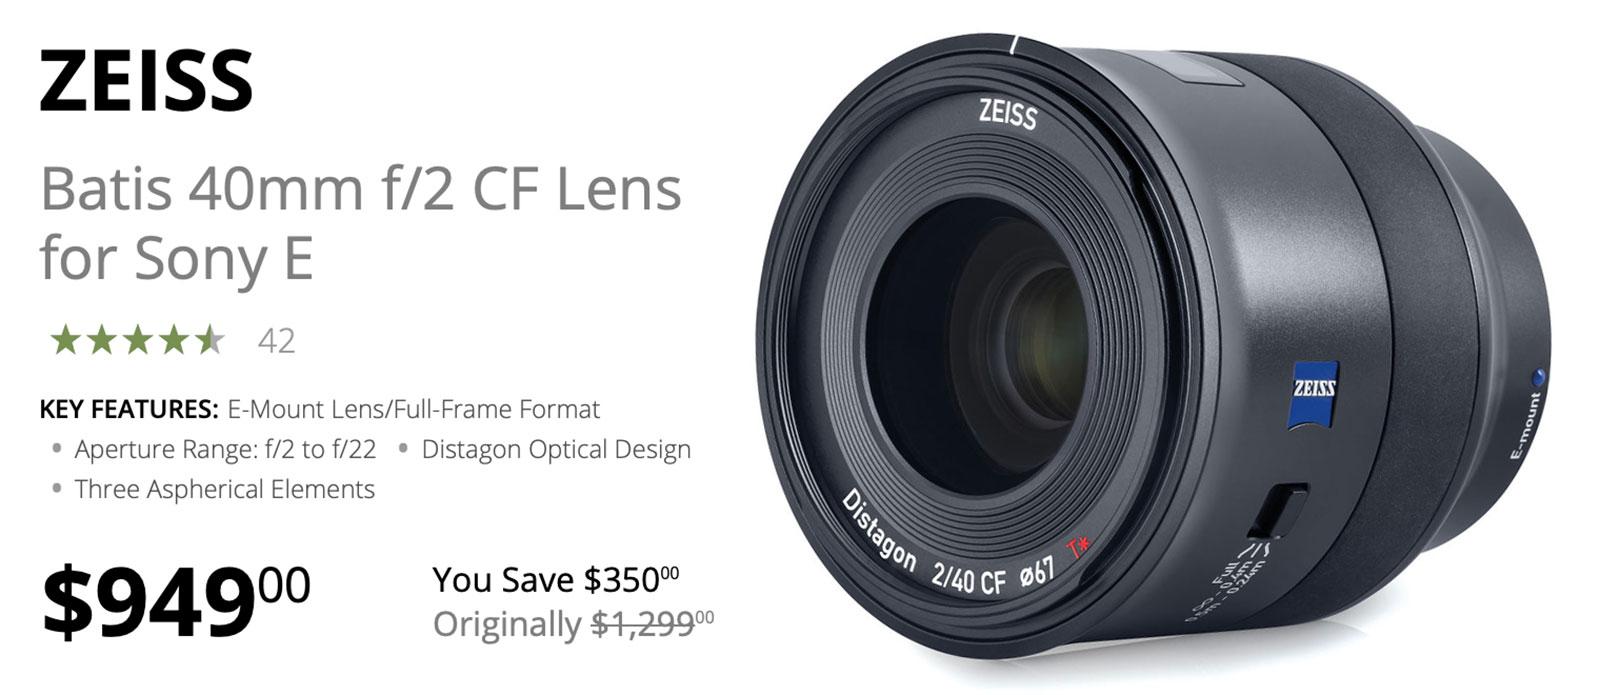 Zeiss Batis 40mm F2 FE lens deal